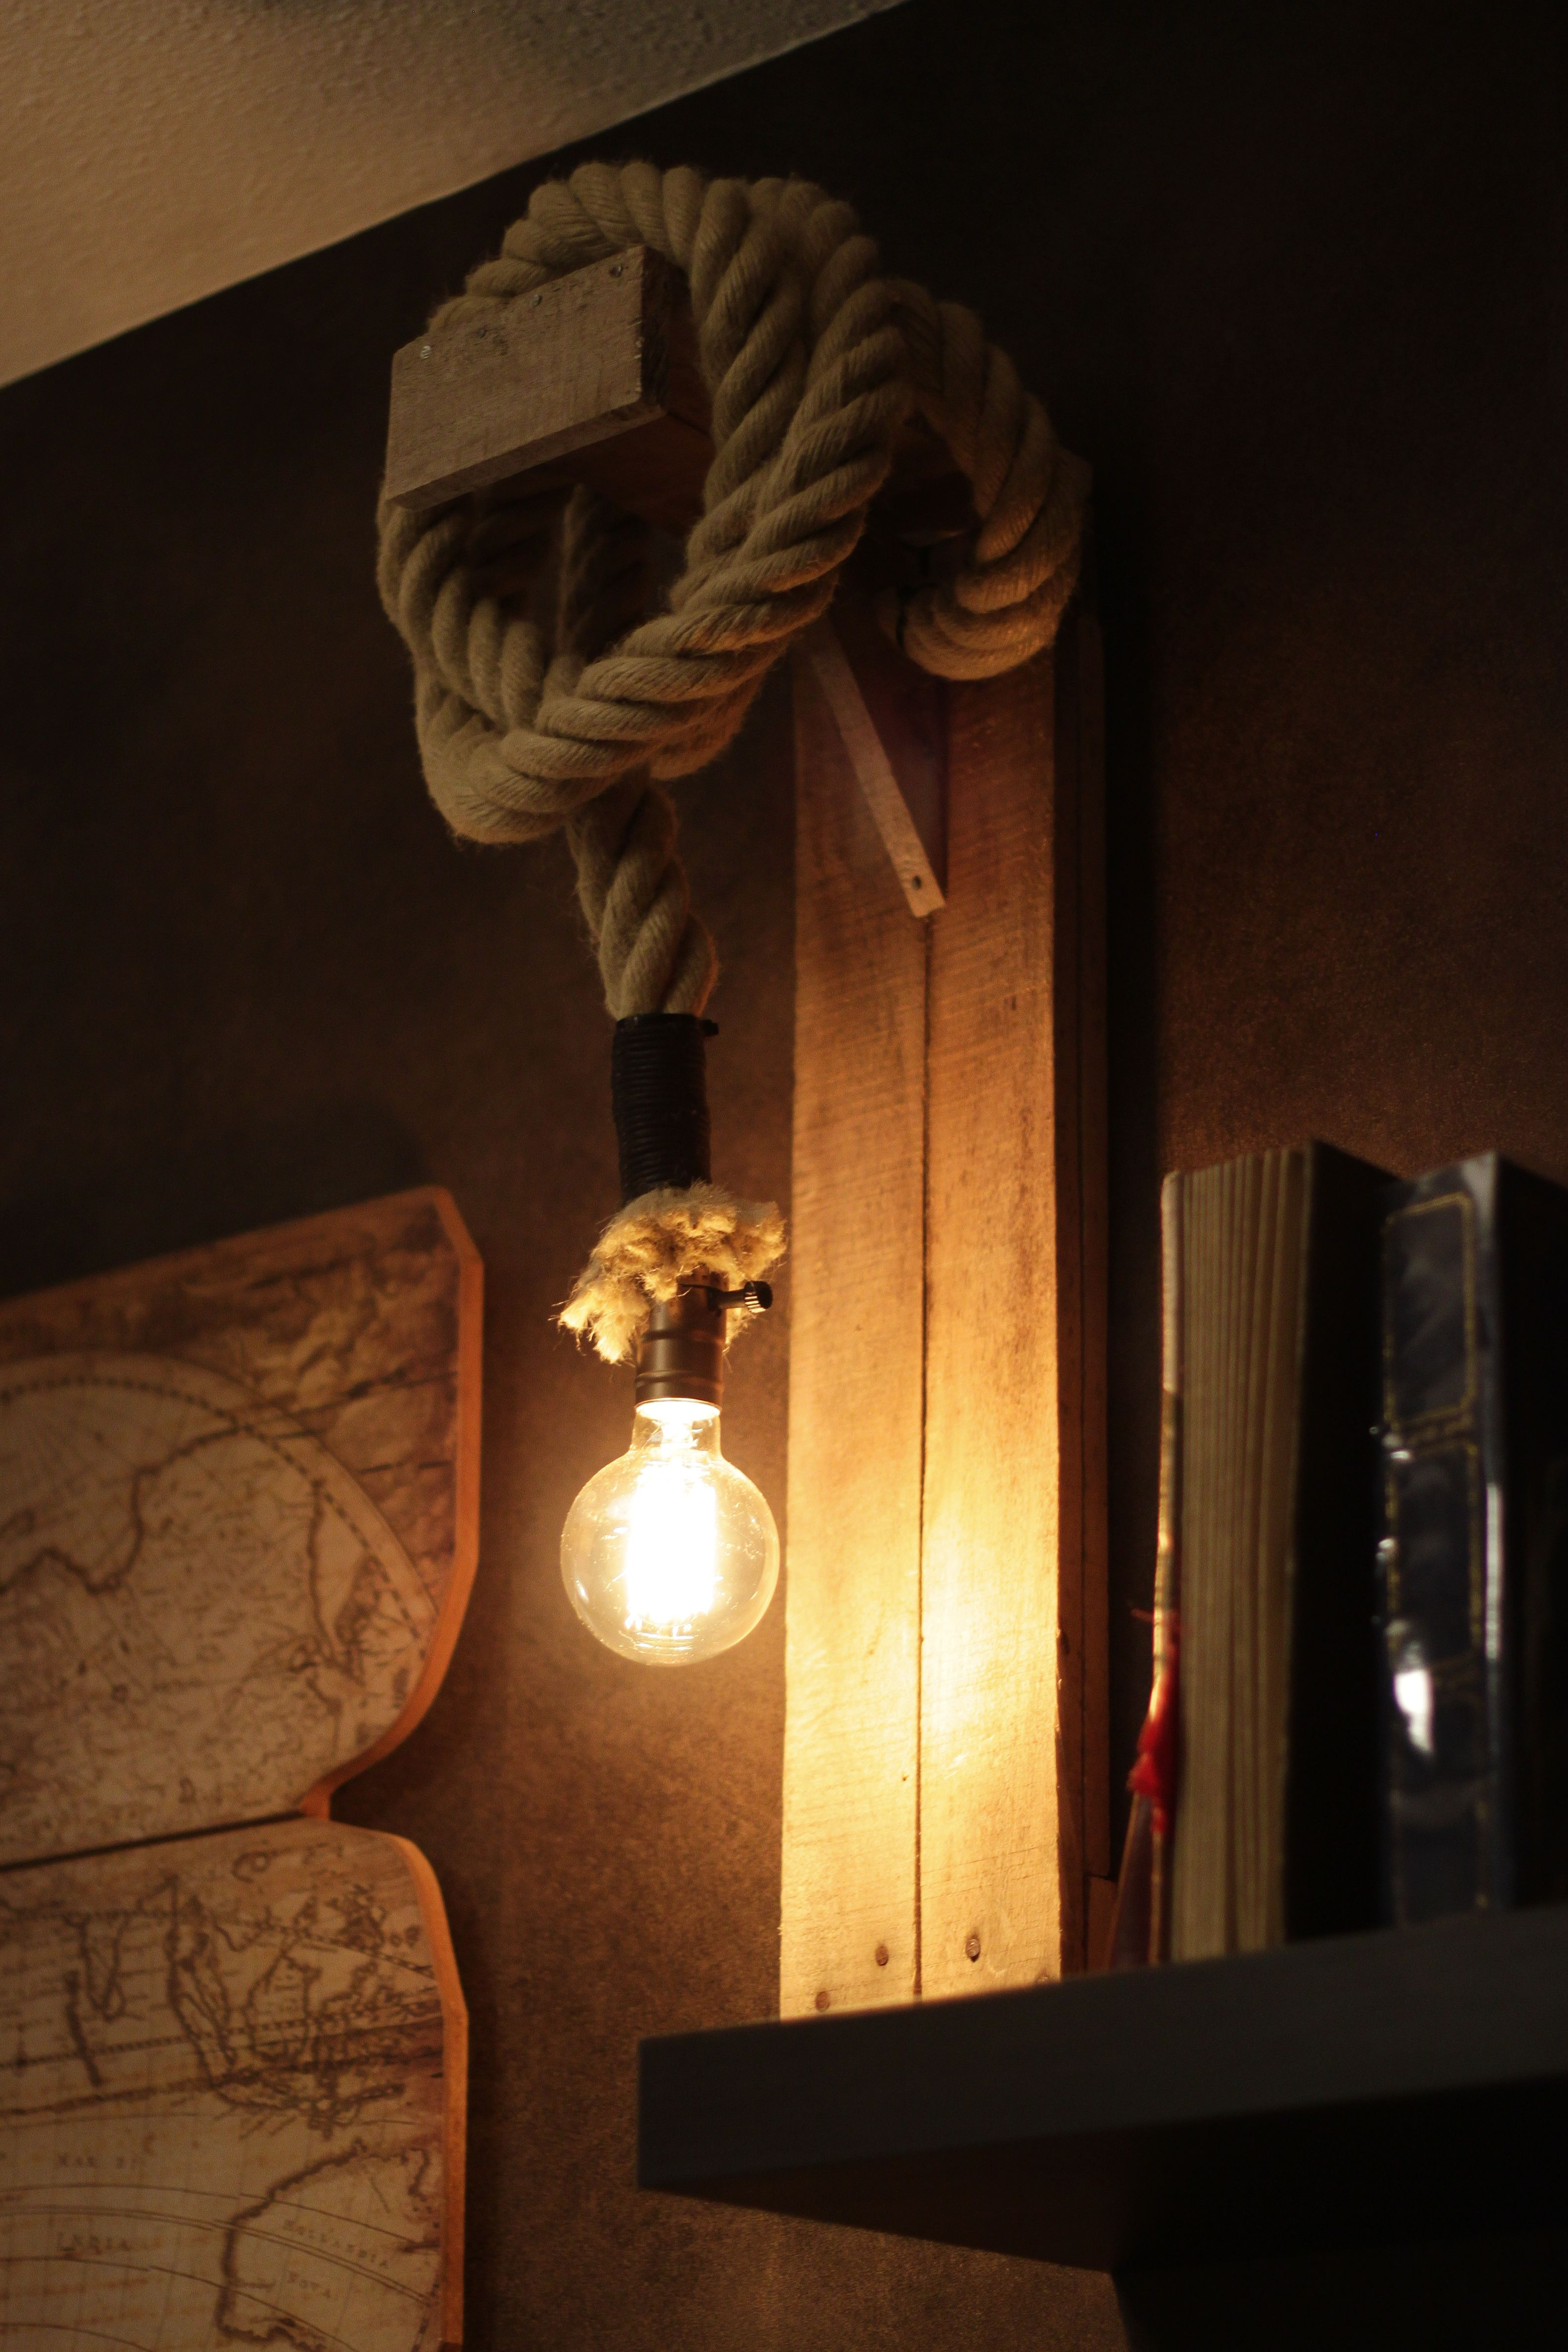 luminaire applique murale artisanale realisee avec du bois de palette et de la corde en chanvre ampoule et douille vintage